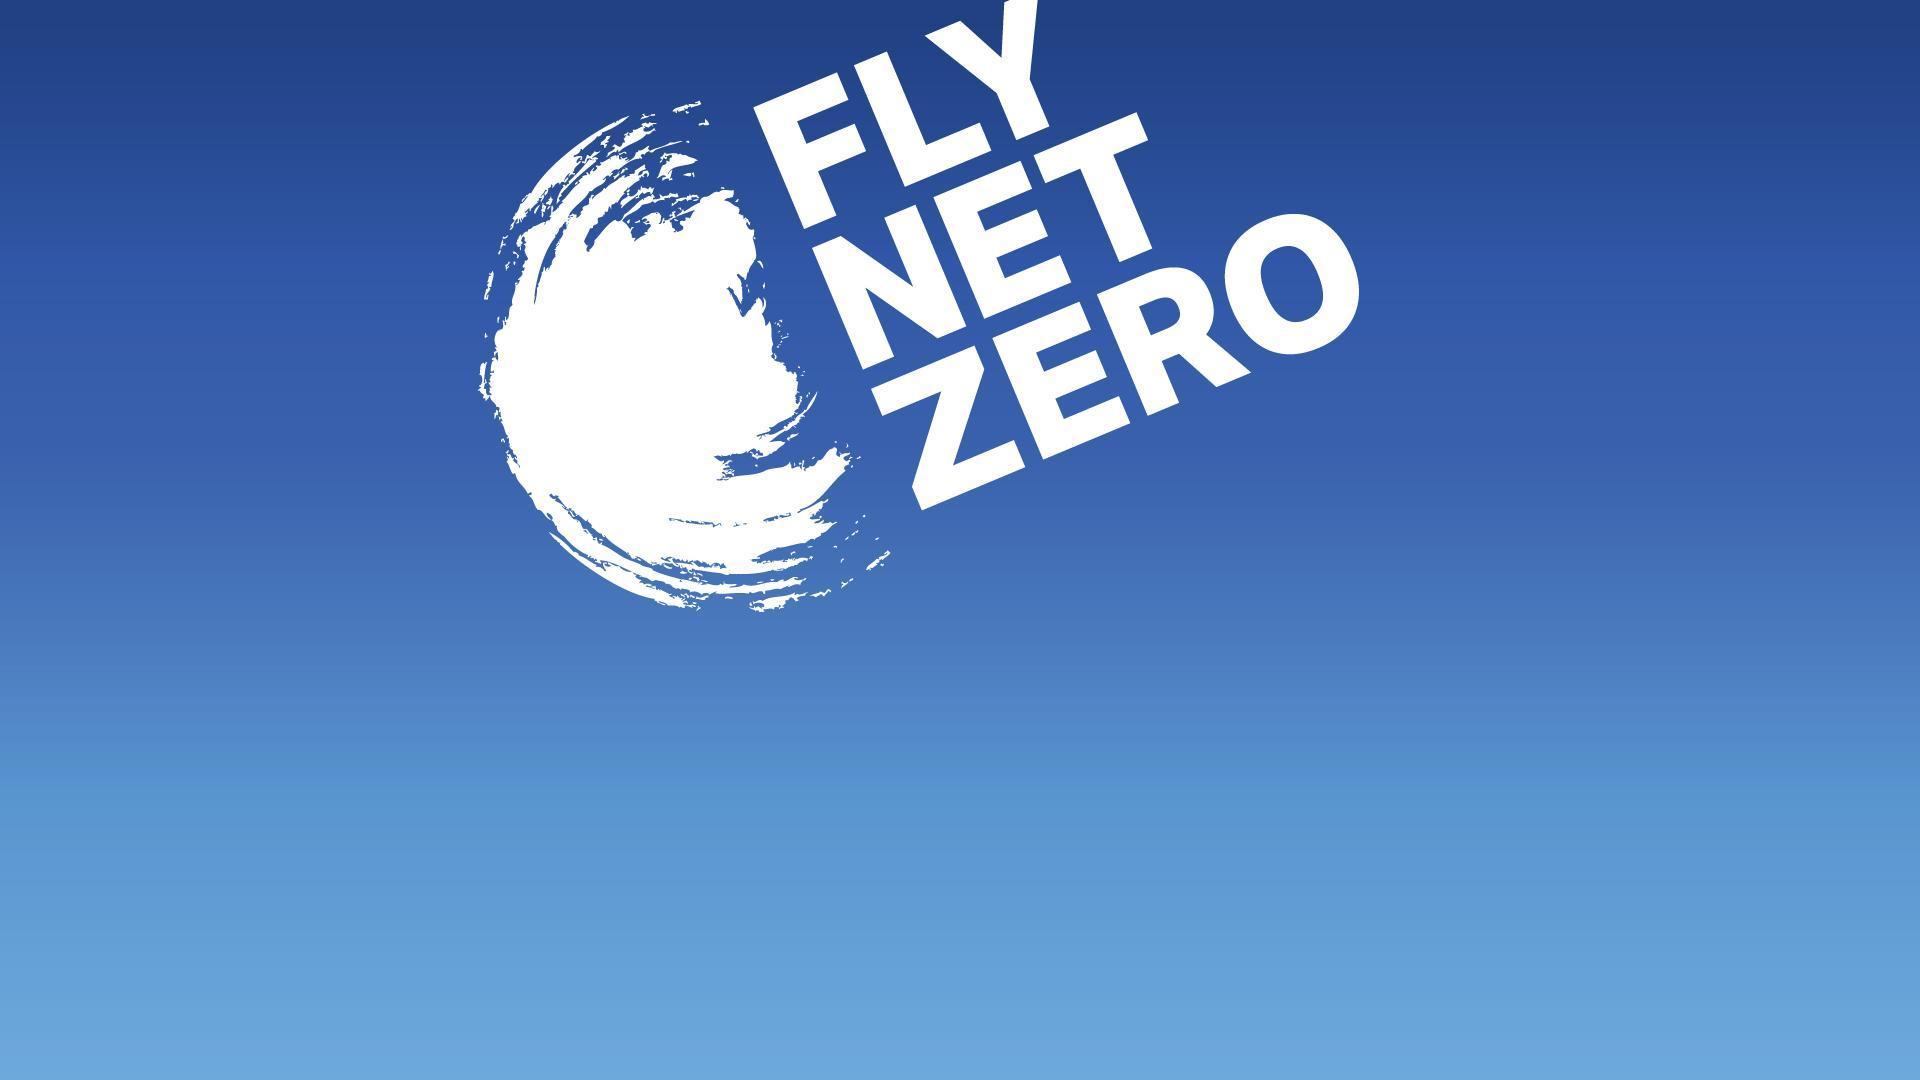 Aviación verde: cero emisiones de carbono netas para 2050